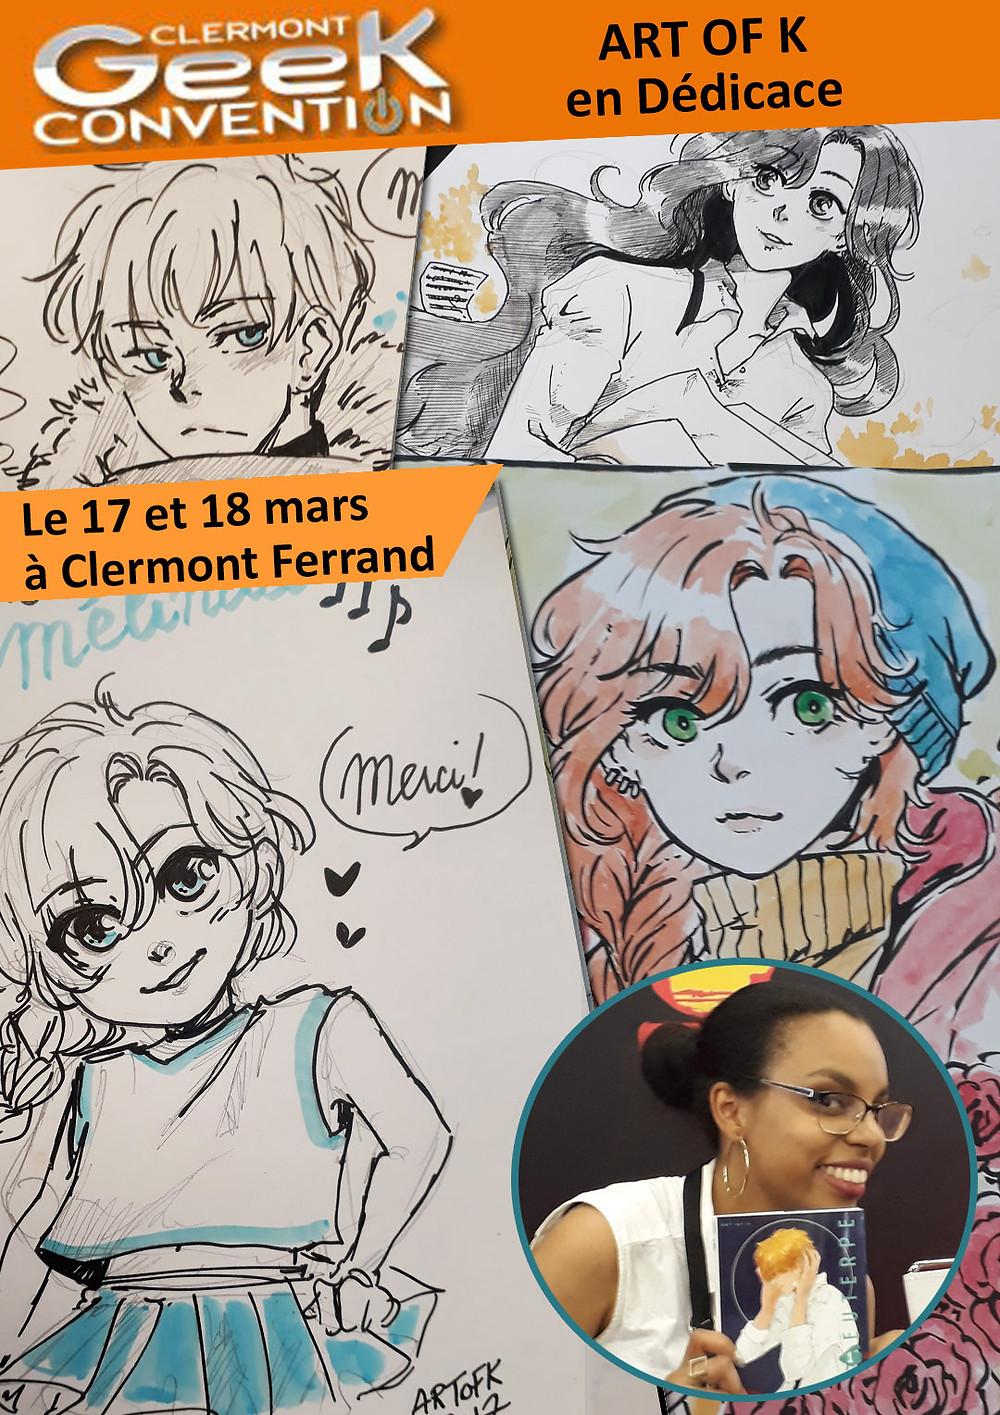 Dédicace de ART of K à Clermont-Ferrand le 17 et 18 mars 2018